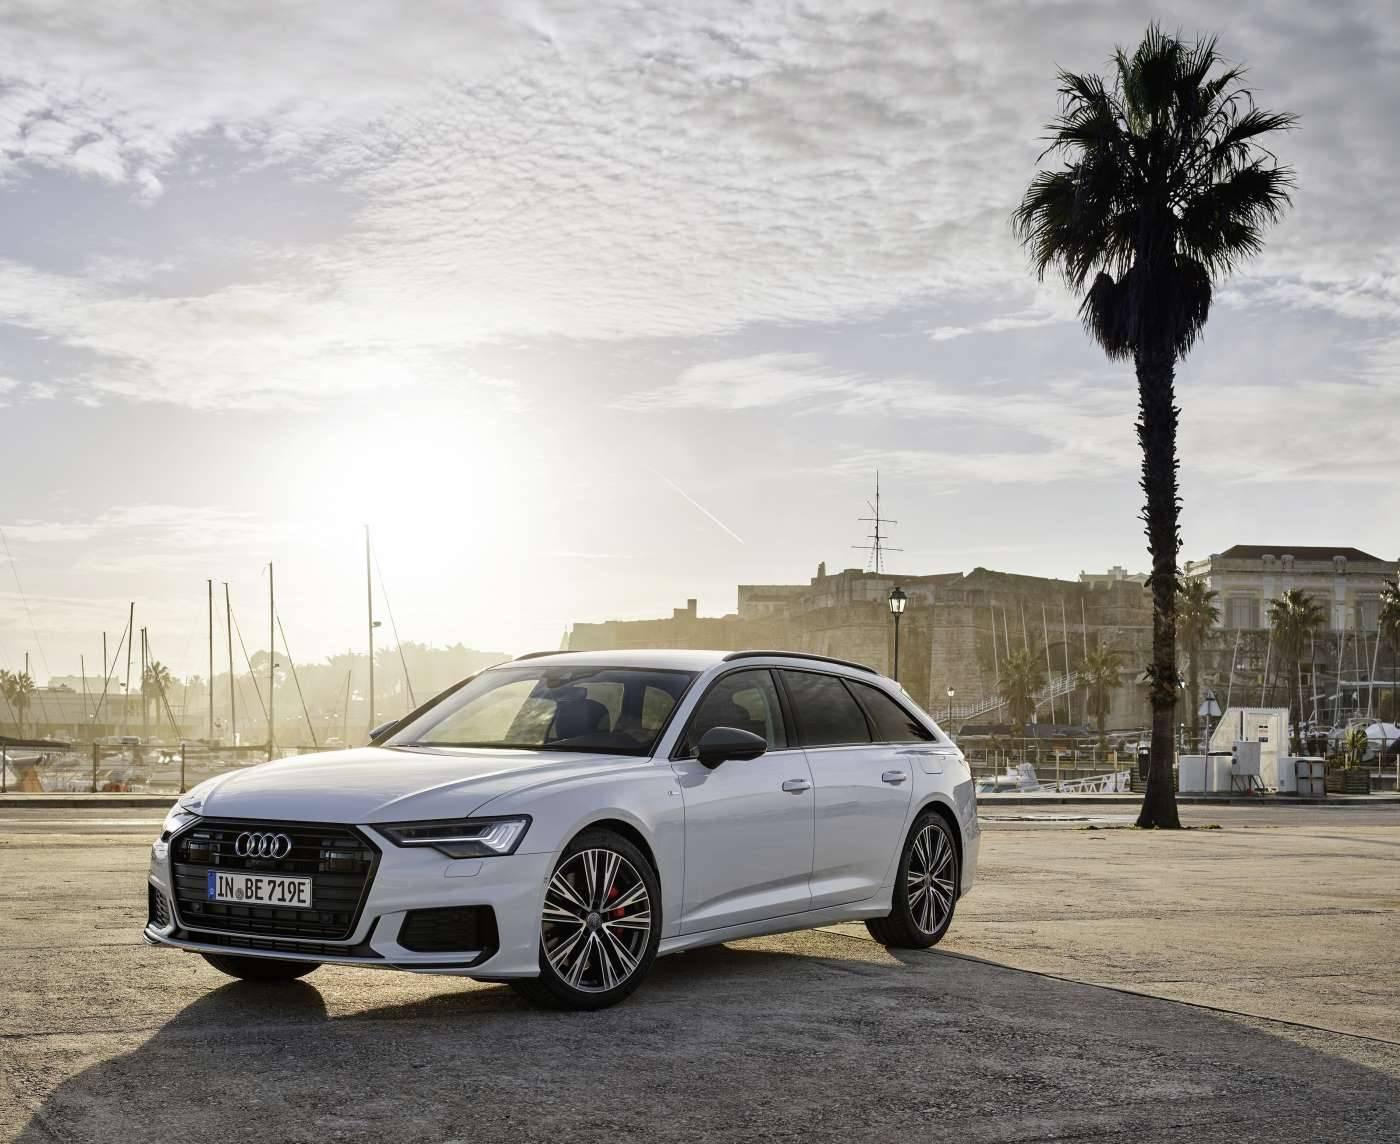 Nouvelle Audi A6 Avant 55 TFSIe quattro hybride